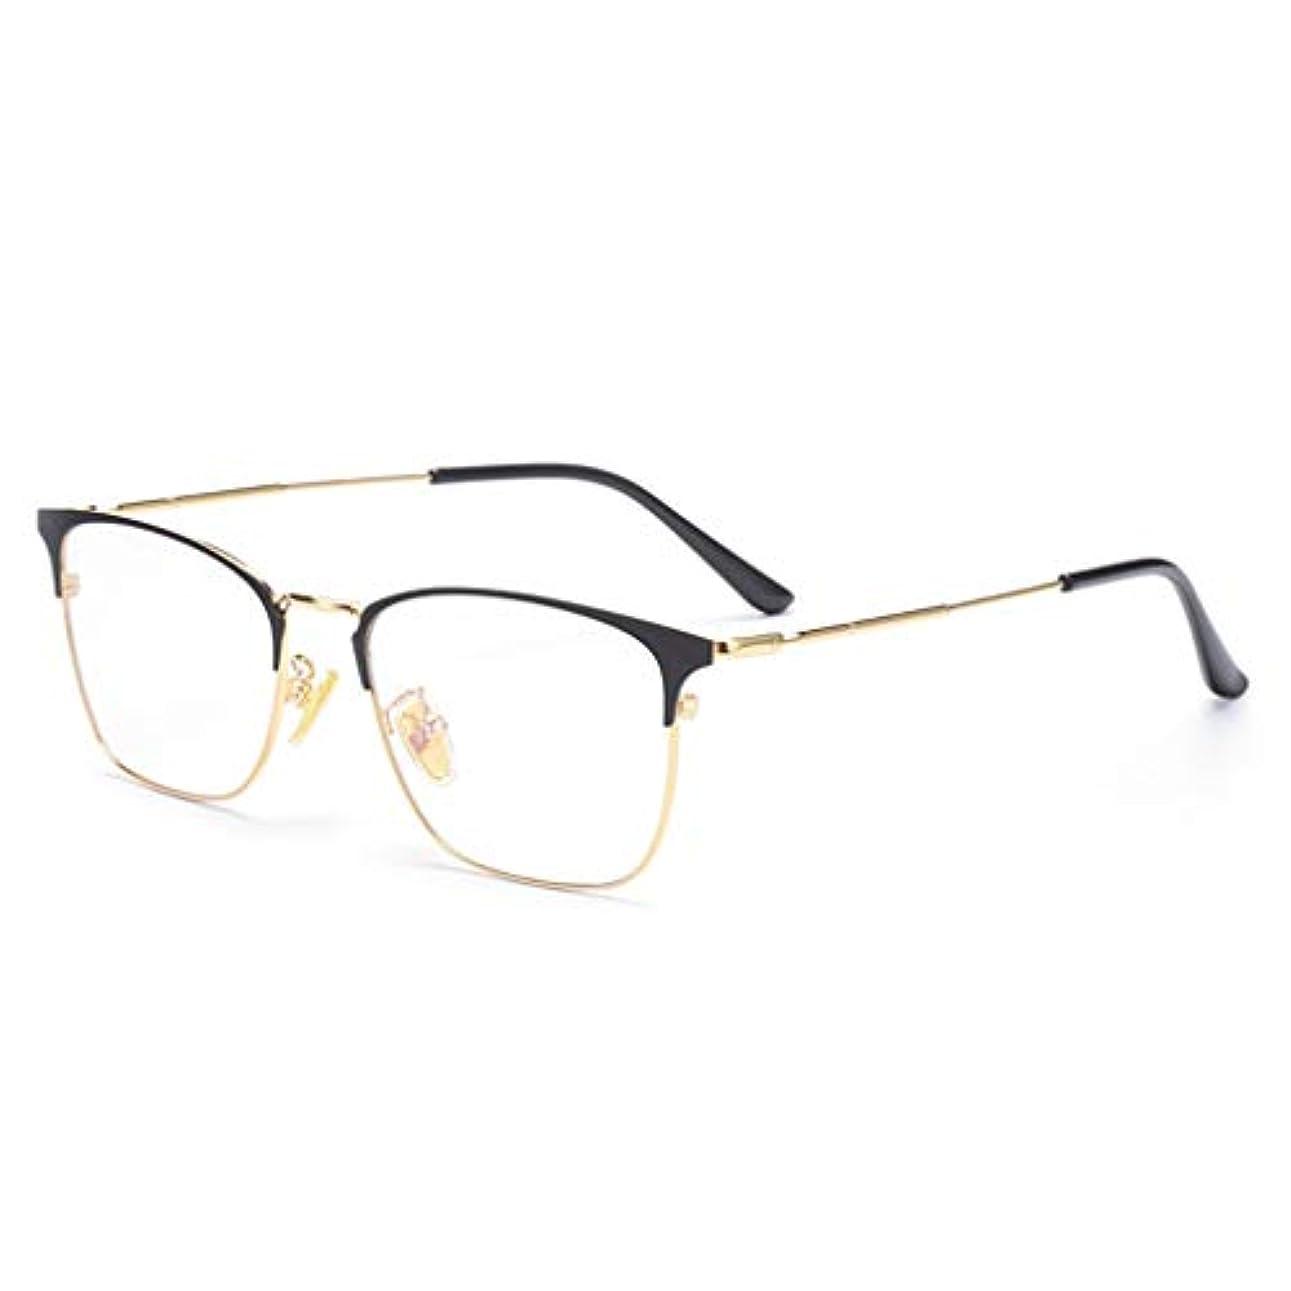 遷移フォトクロミックプログレッシブマルチフォーカス老眼鏡、レトロバリフォーカルラインなし漸進的遠視サングラス